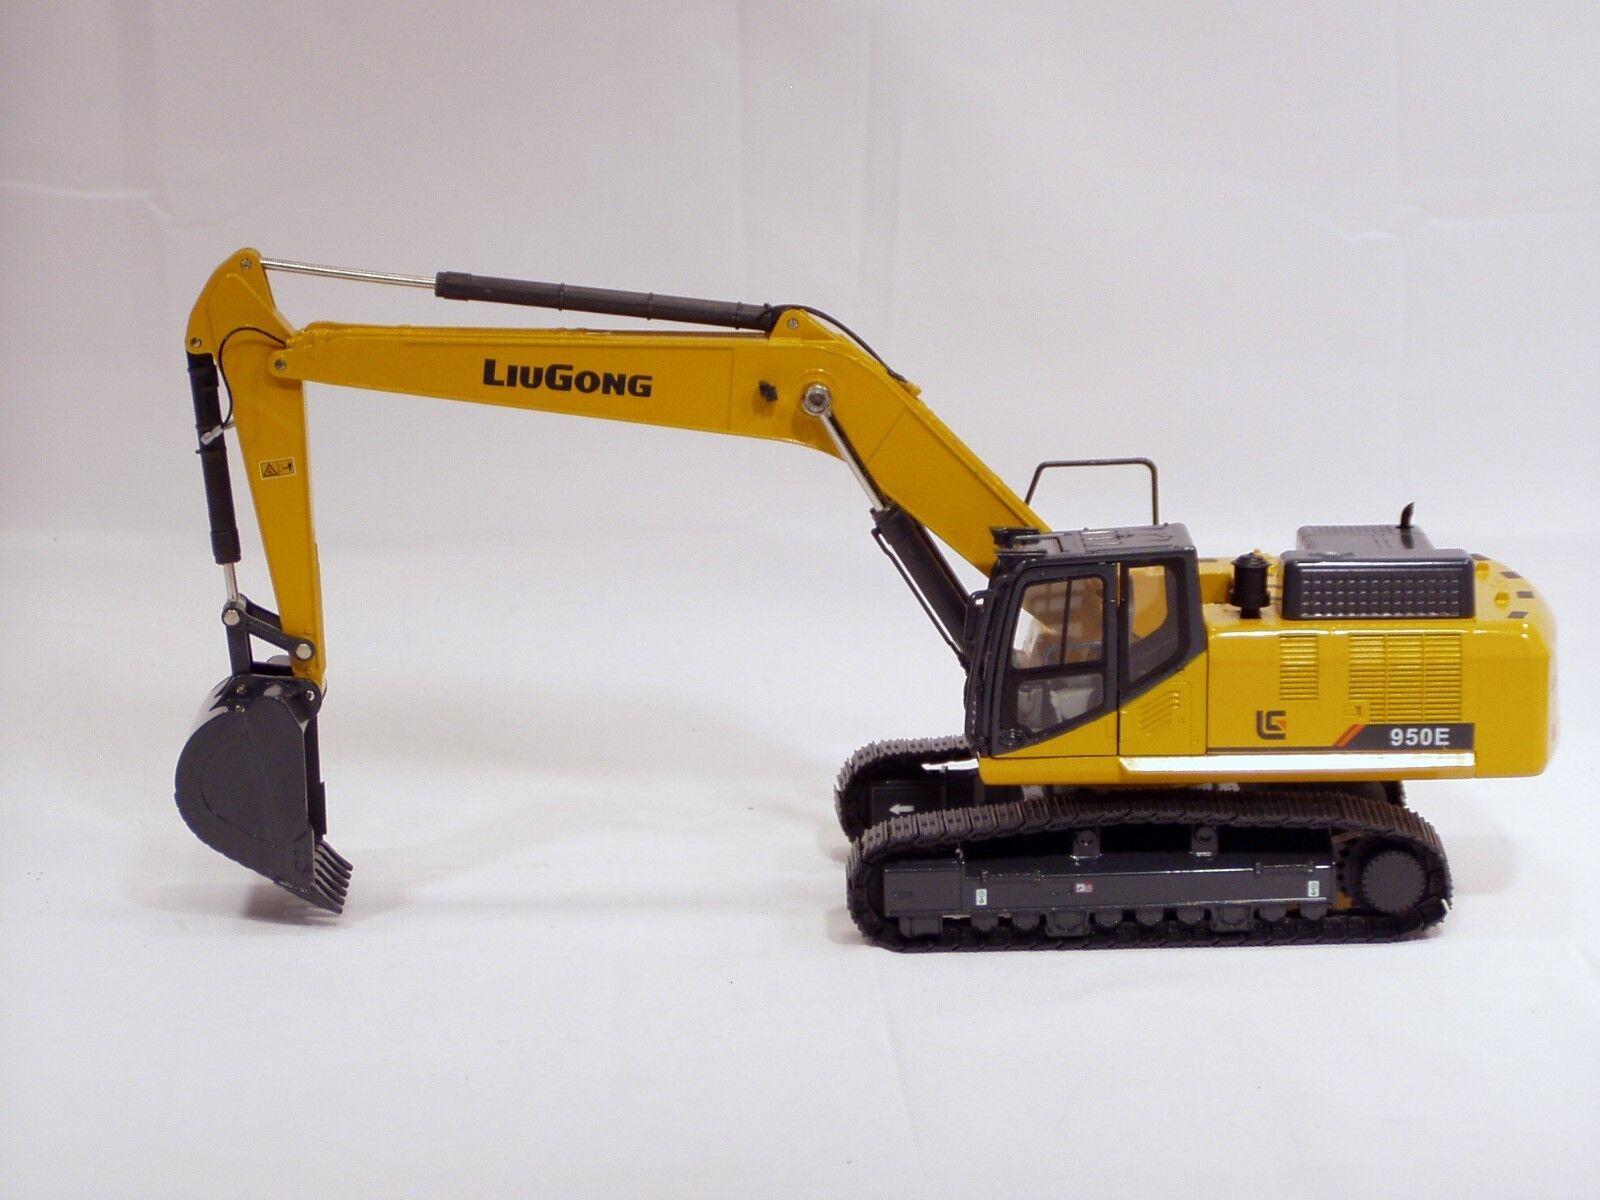 calidad fantástica Excavadora Liugong 950E - 1 35 35 35 - Nuevo  el estilo clásico